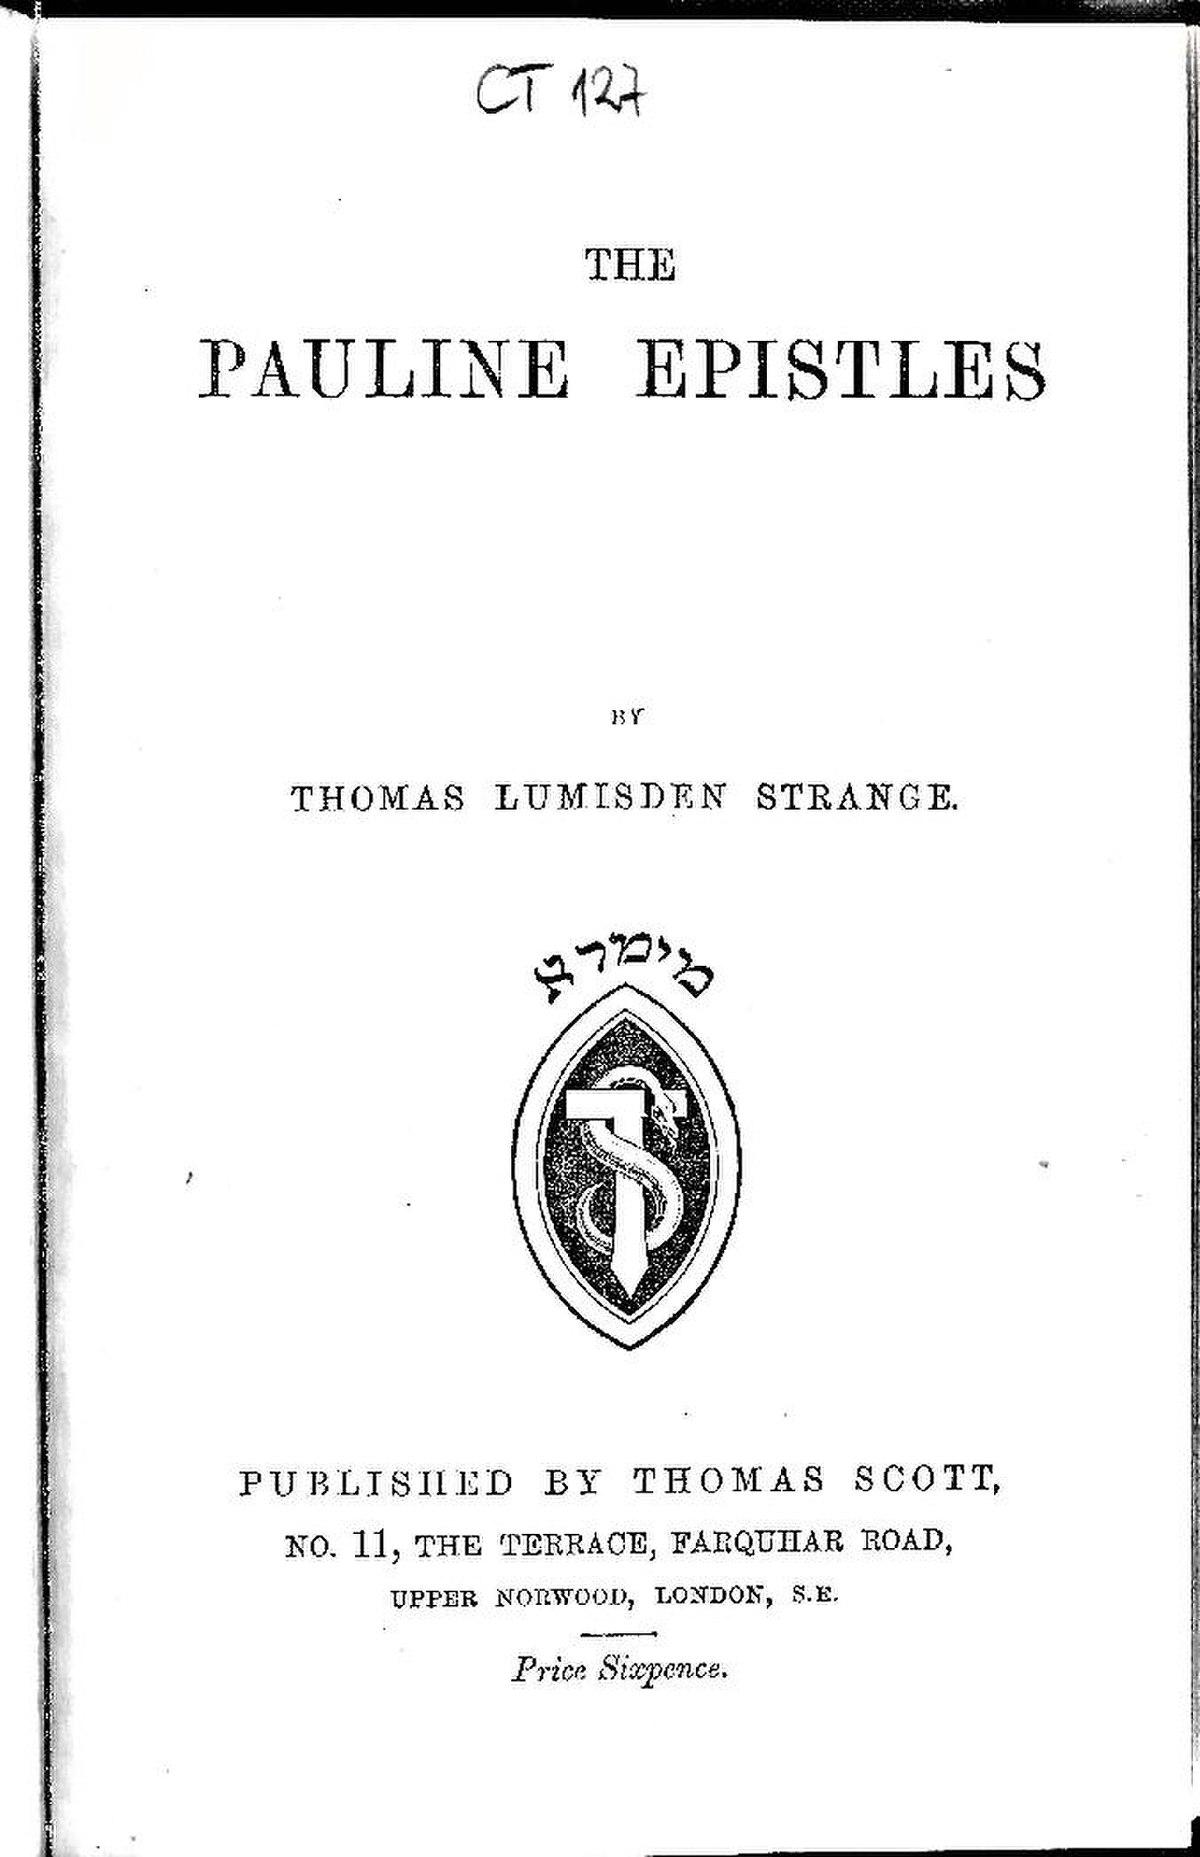 Pauline epistles in order